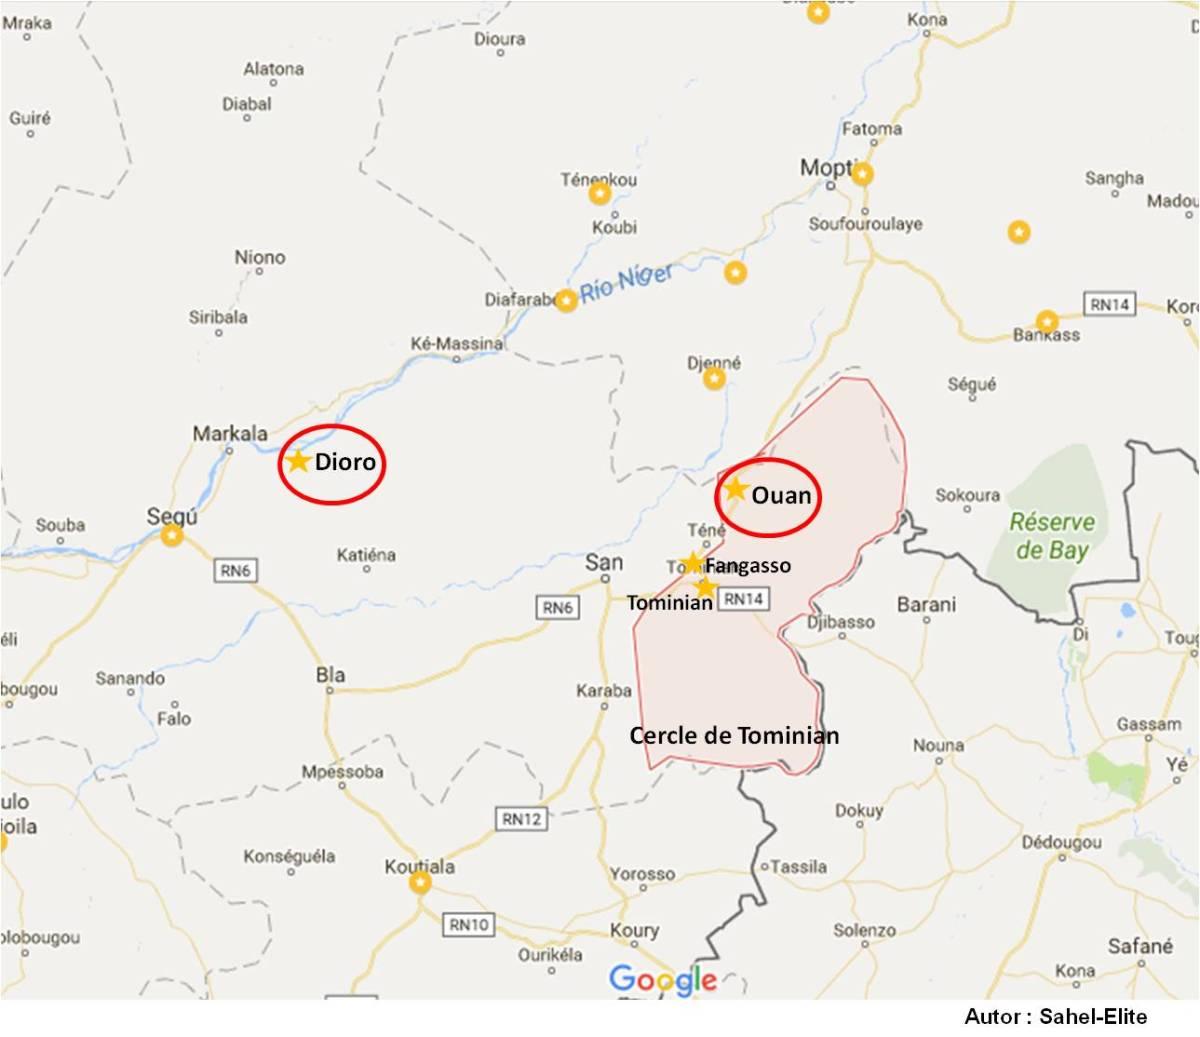 Mali – Ségou : Un gendarme malien tué et deux blessés dans une attaque double perpétrée contre les postes de la Gendarmerie nationale à Ouan etDioro